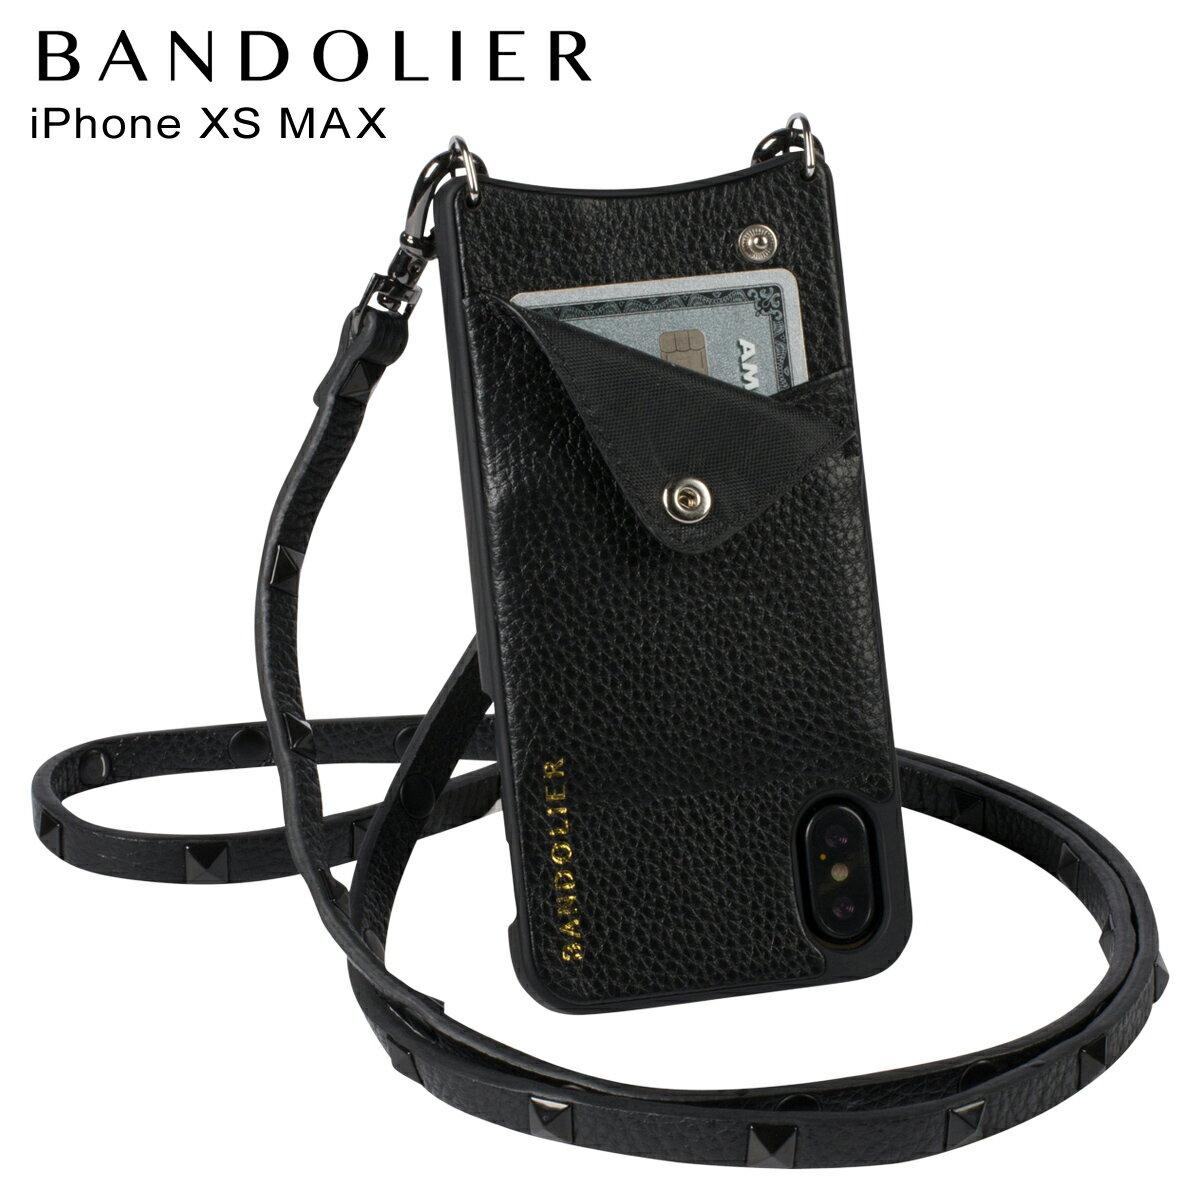 BANDOLIER バンドリヤー iPhone XS MAX ケース ショルダー スマホ アイフォン レザー SARAH BLACK メンズ レディース ブラック 10SAR1001 [4/18 再入荷]